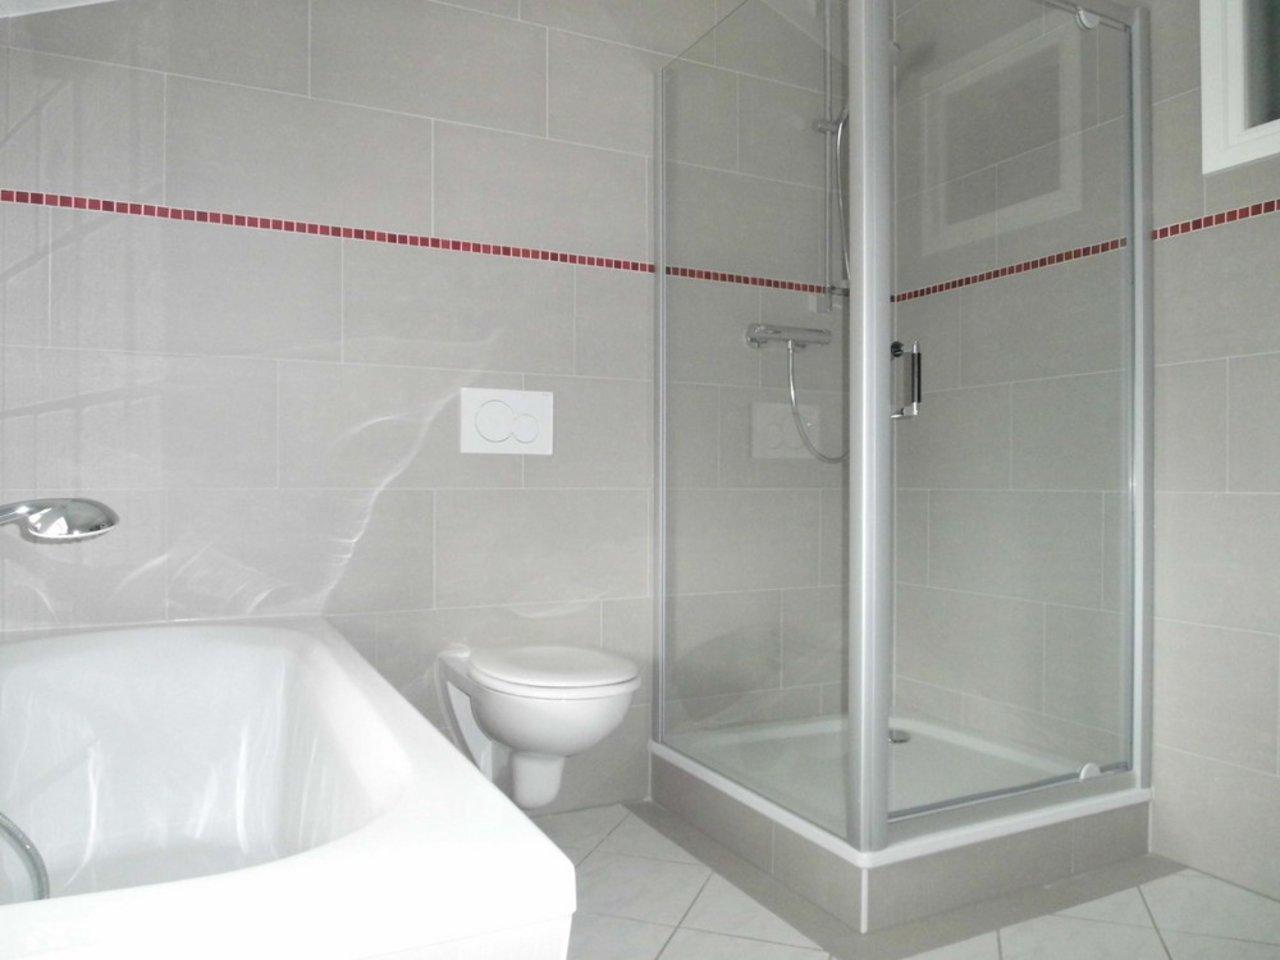 Reizvolle, großzügige DG-Wohnung mit viel Raum und individueller Gestaltung-Bad